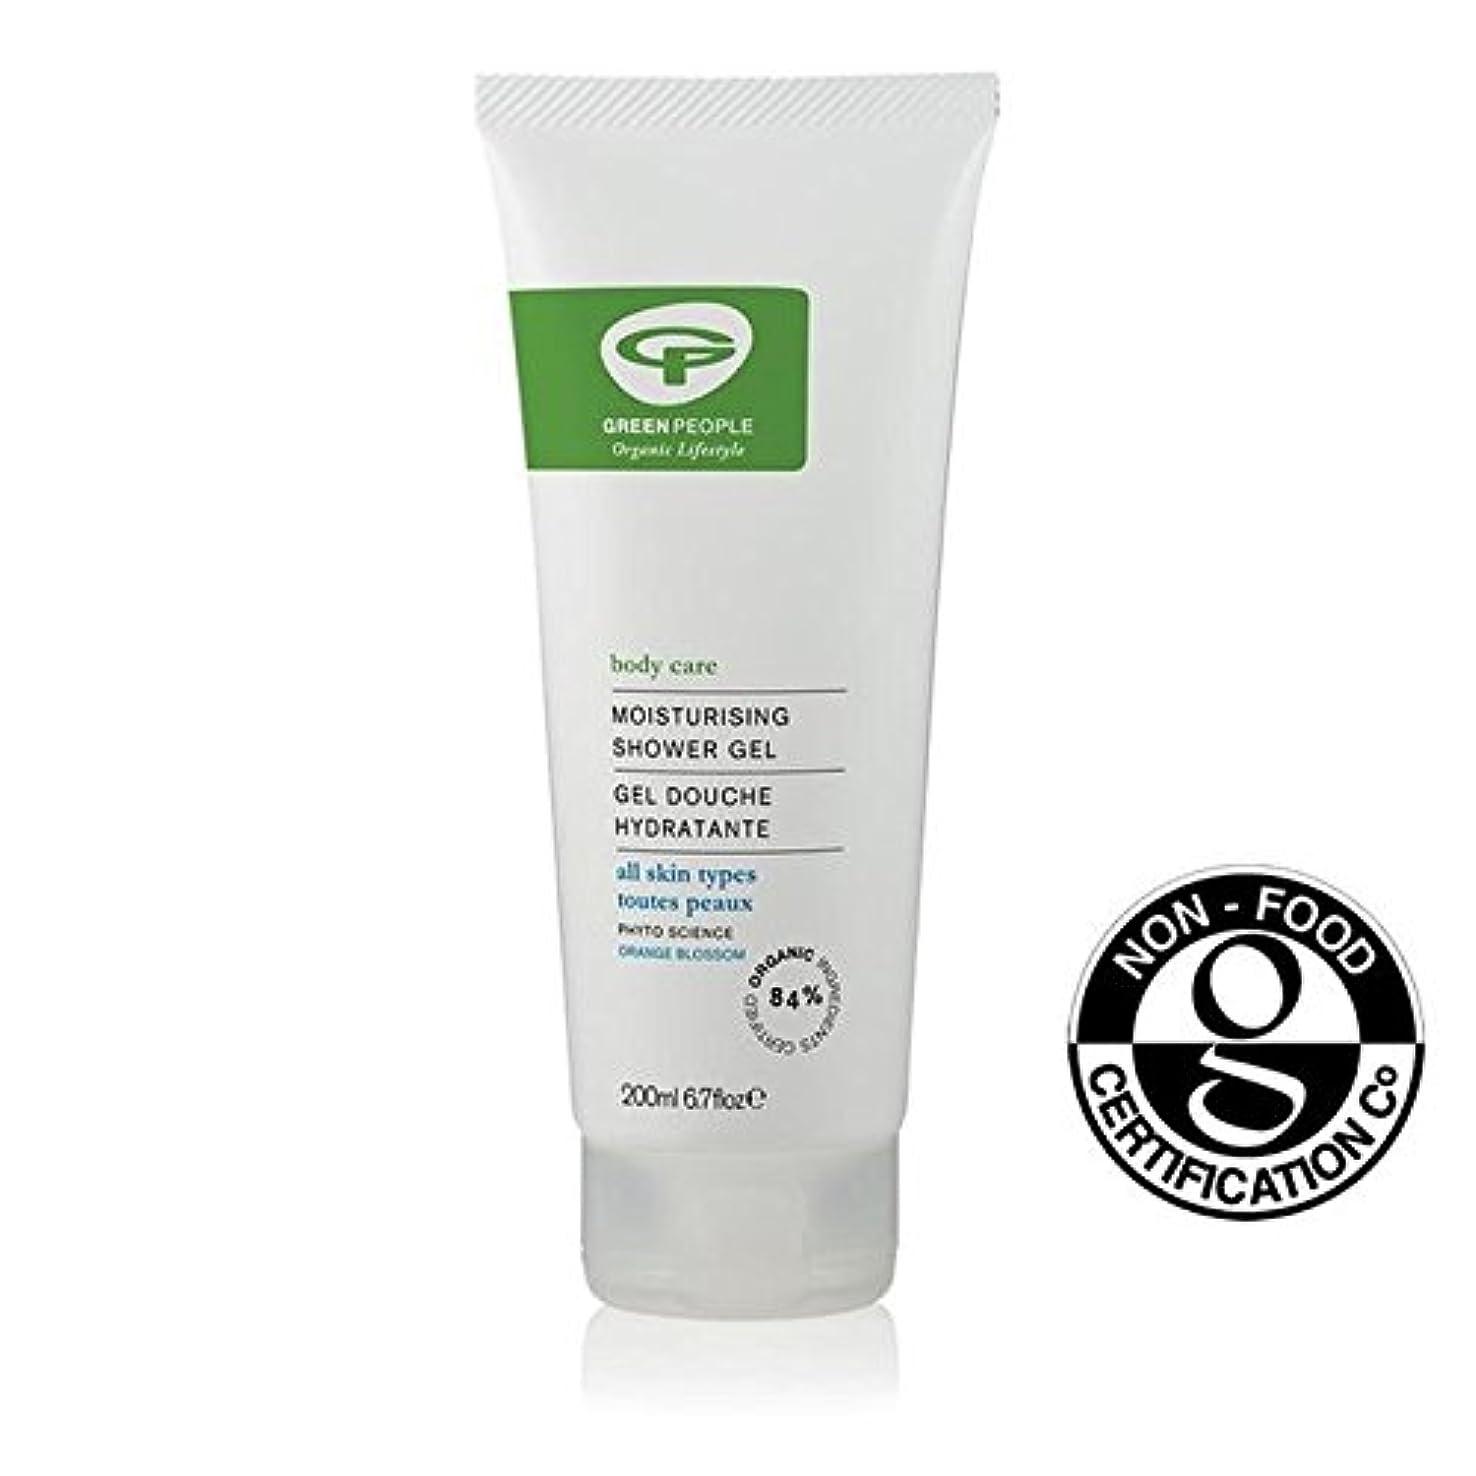 移植過敏な変わるGreen People Organic Moisturising Shower Gel 200ml (Pack of 6) - 緑の人々の有機保湿シャワージェル200 x6 [並行輸入品]